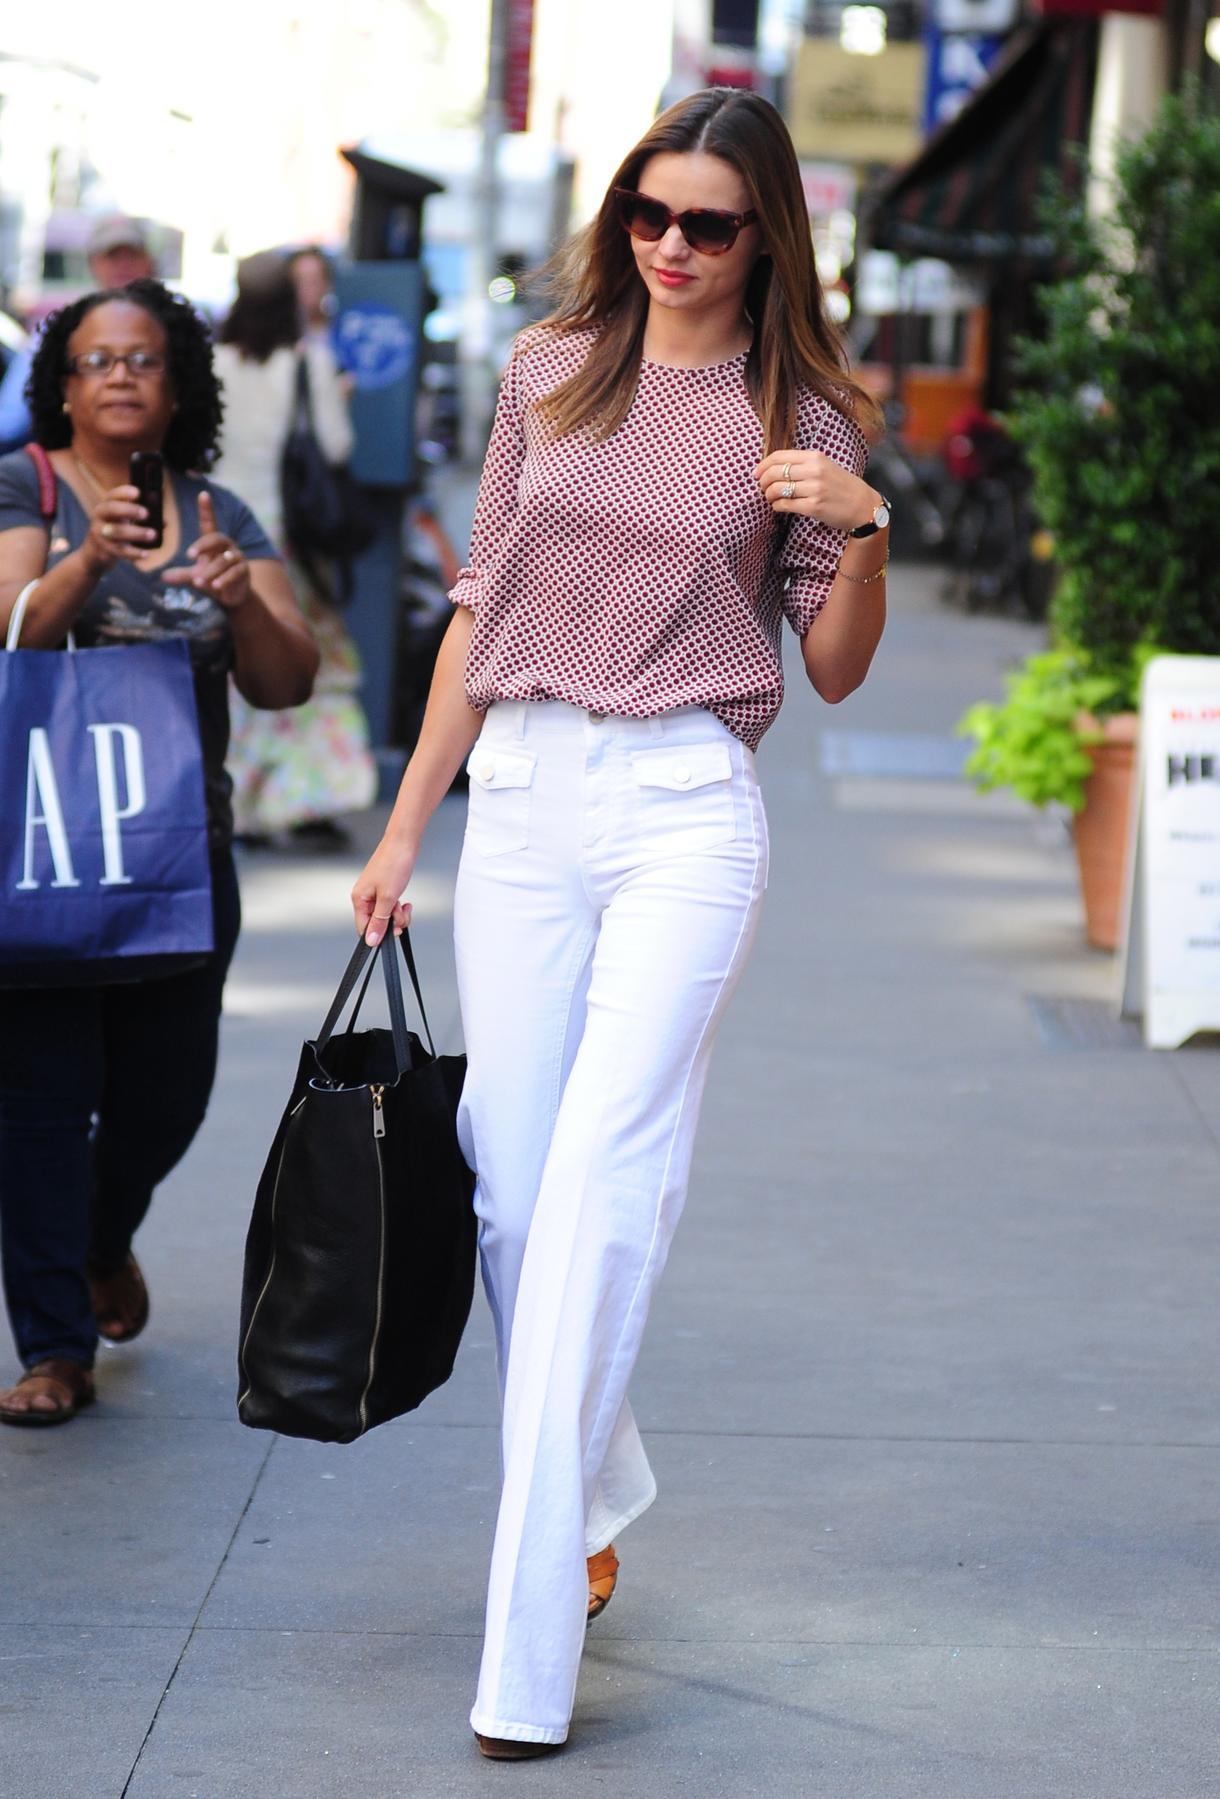 С чем носить джинсы женщине 40 лет